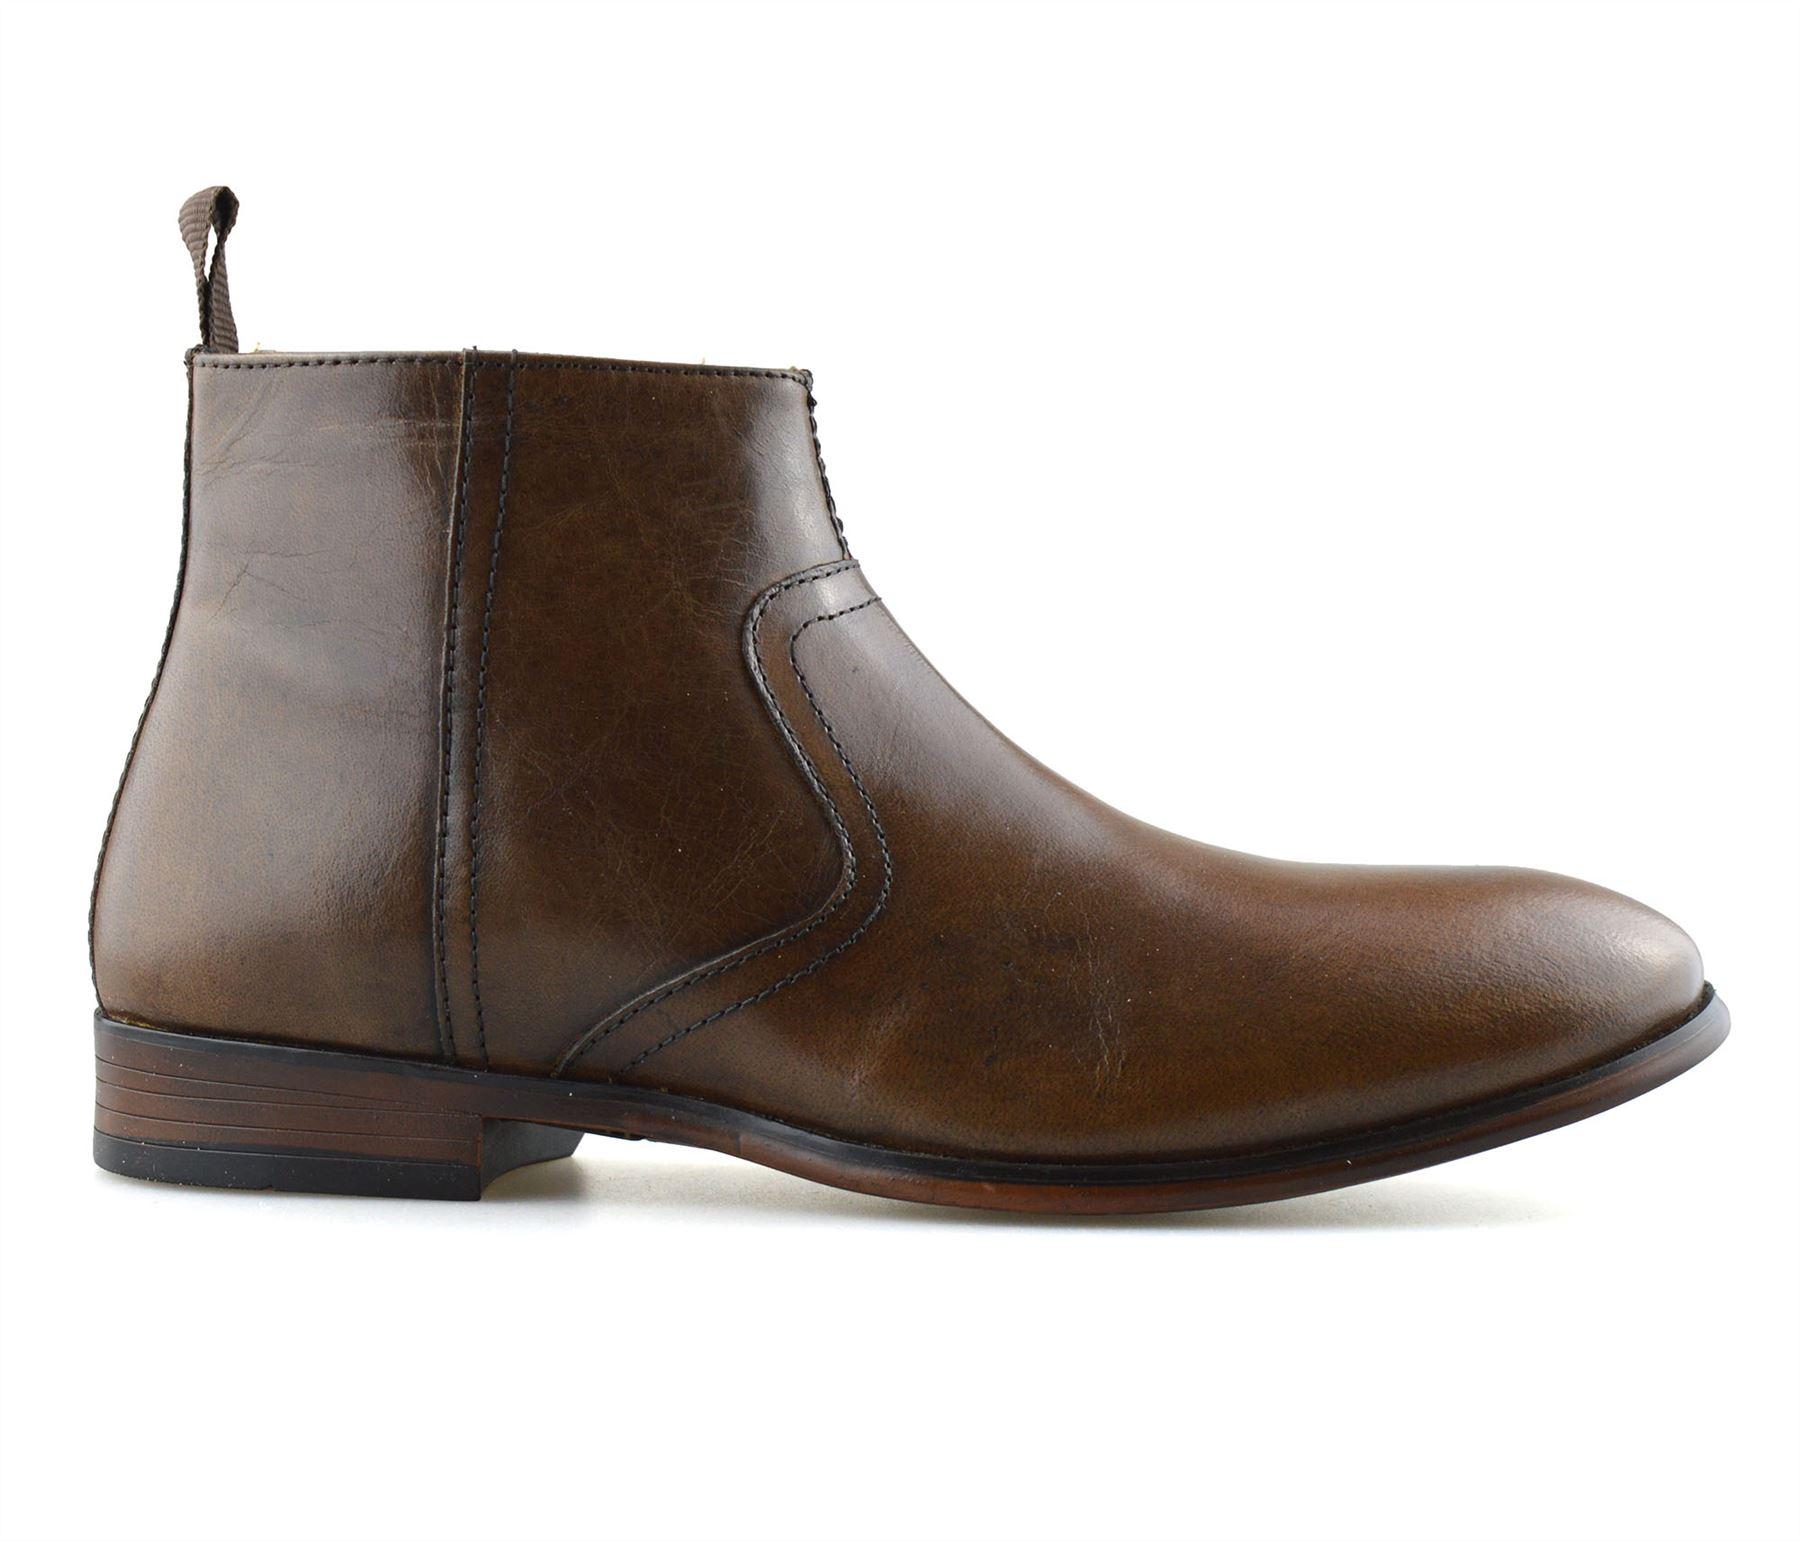 Hombre-Nuevo-Cuero-Cremallera-Formal-Smart-Trabajo-Distribuidor-Chelsea-Botas-al-Tobillo-Zapatos miniatura 24